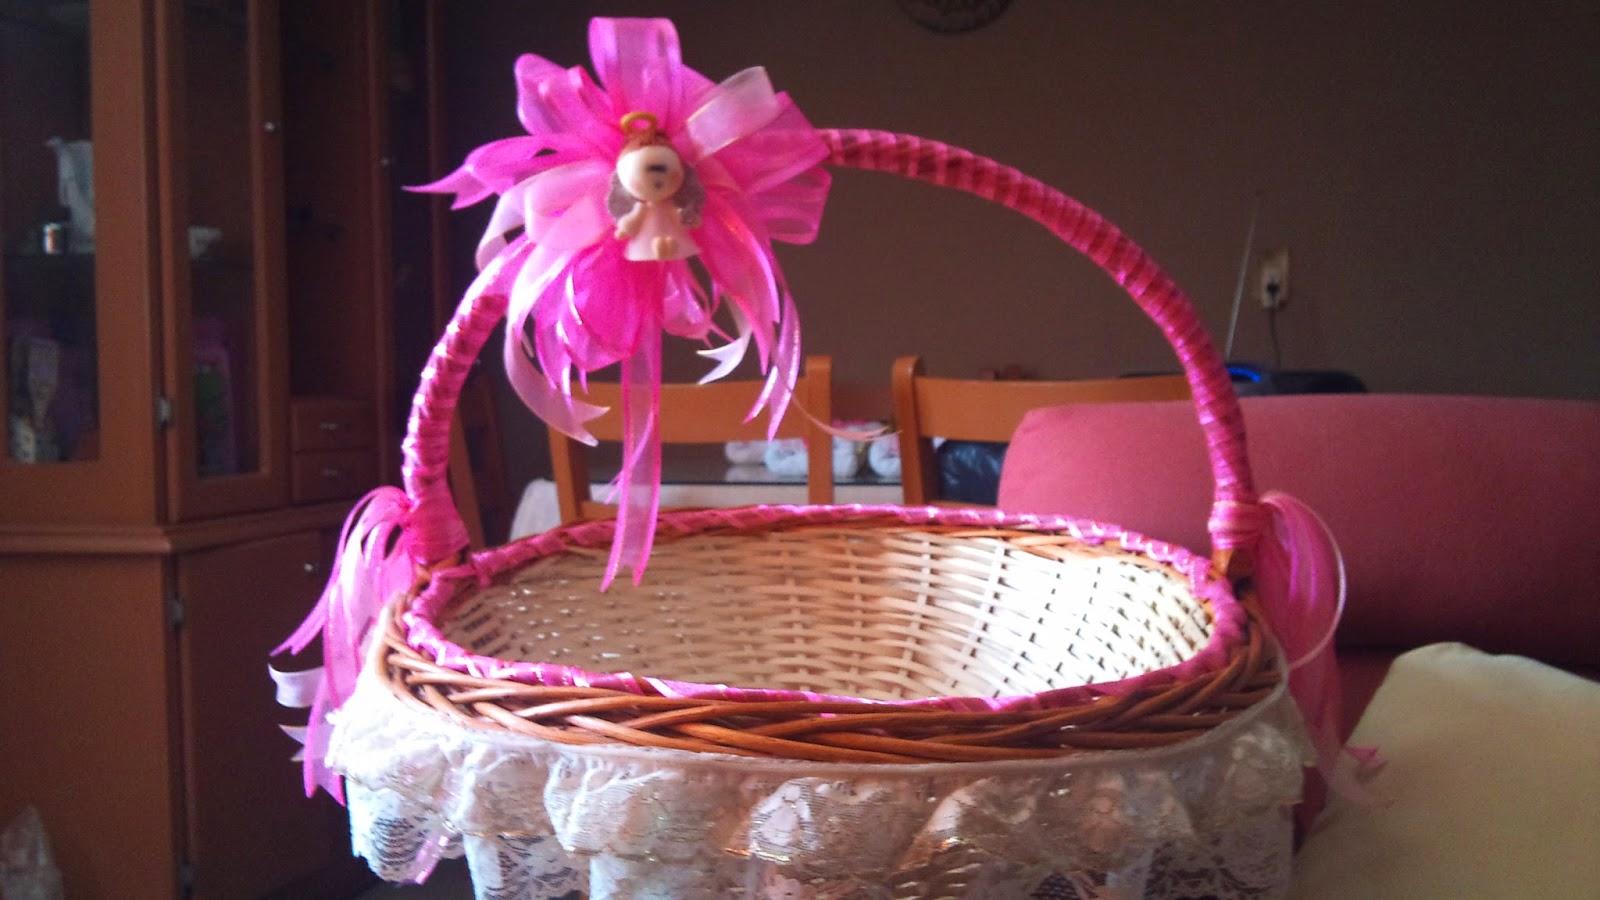 Canastas para recuerdos cake ideas and designs - Canastas de mimbre decoradas ...